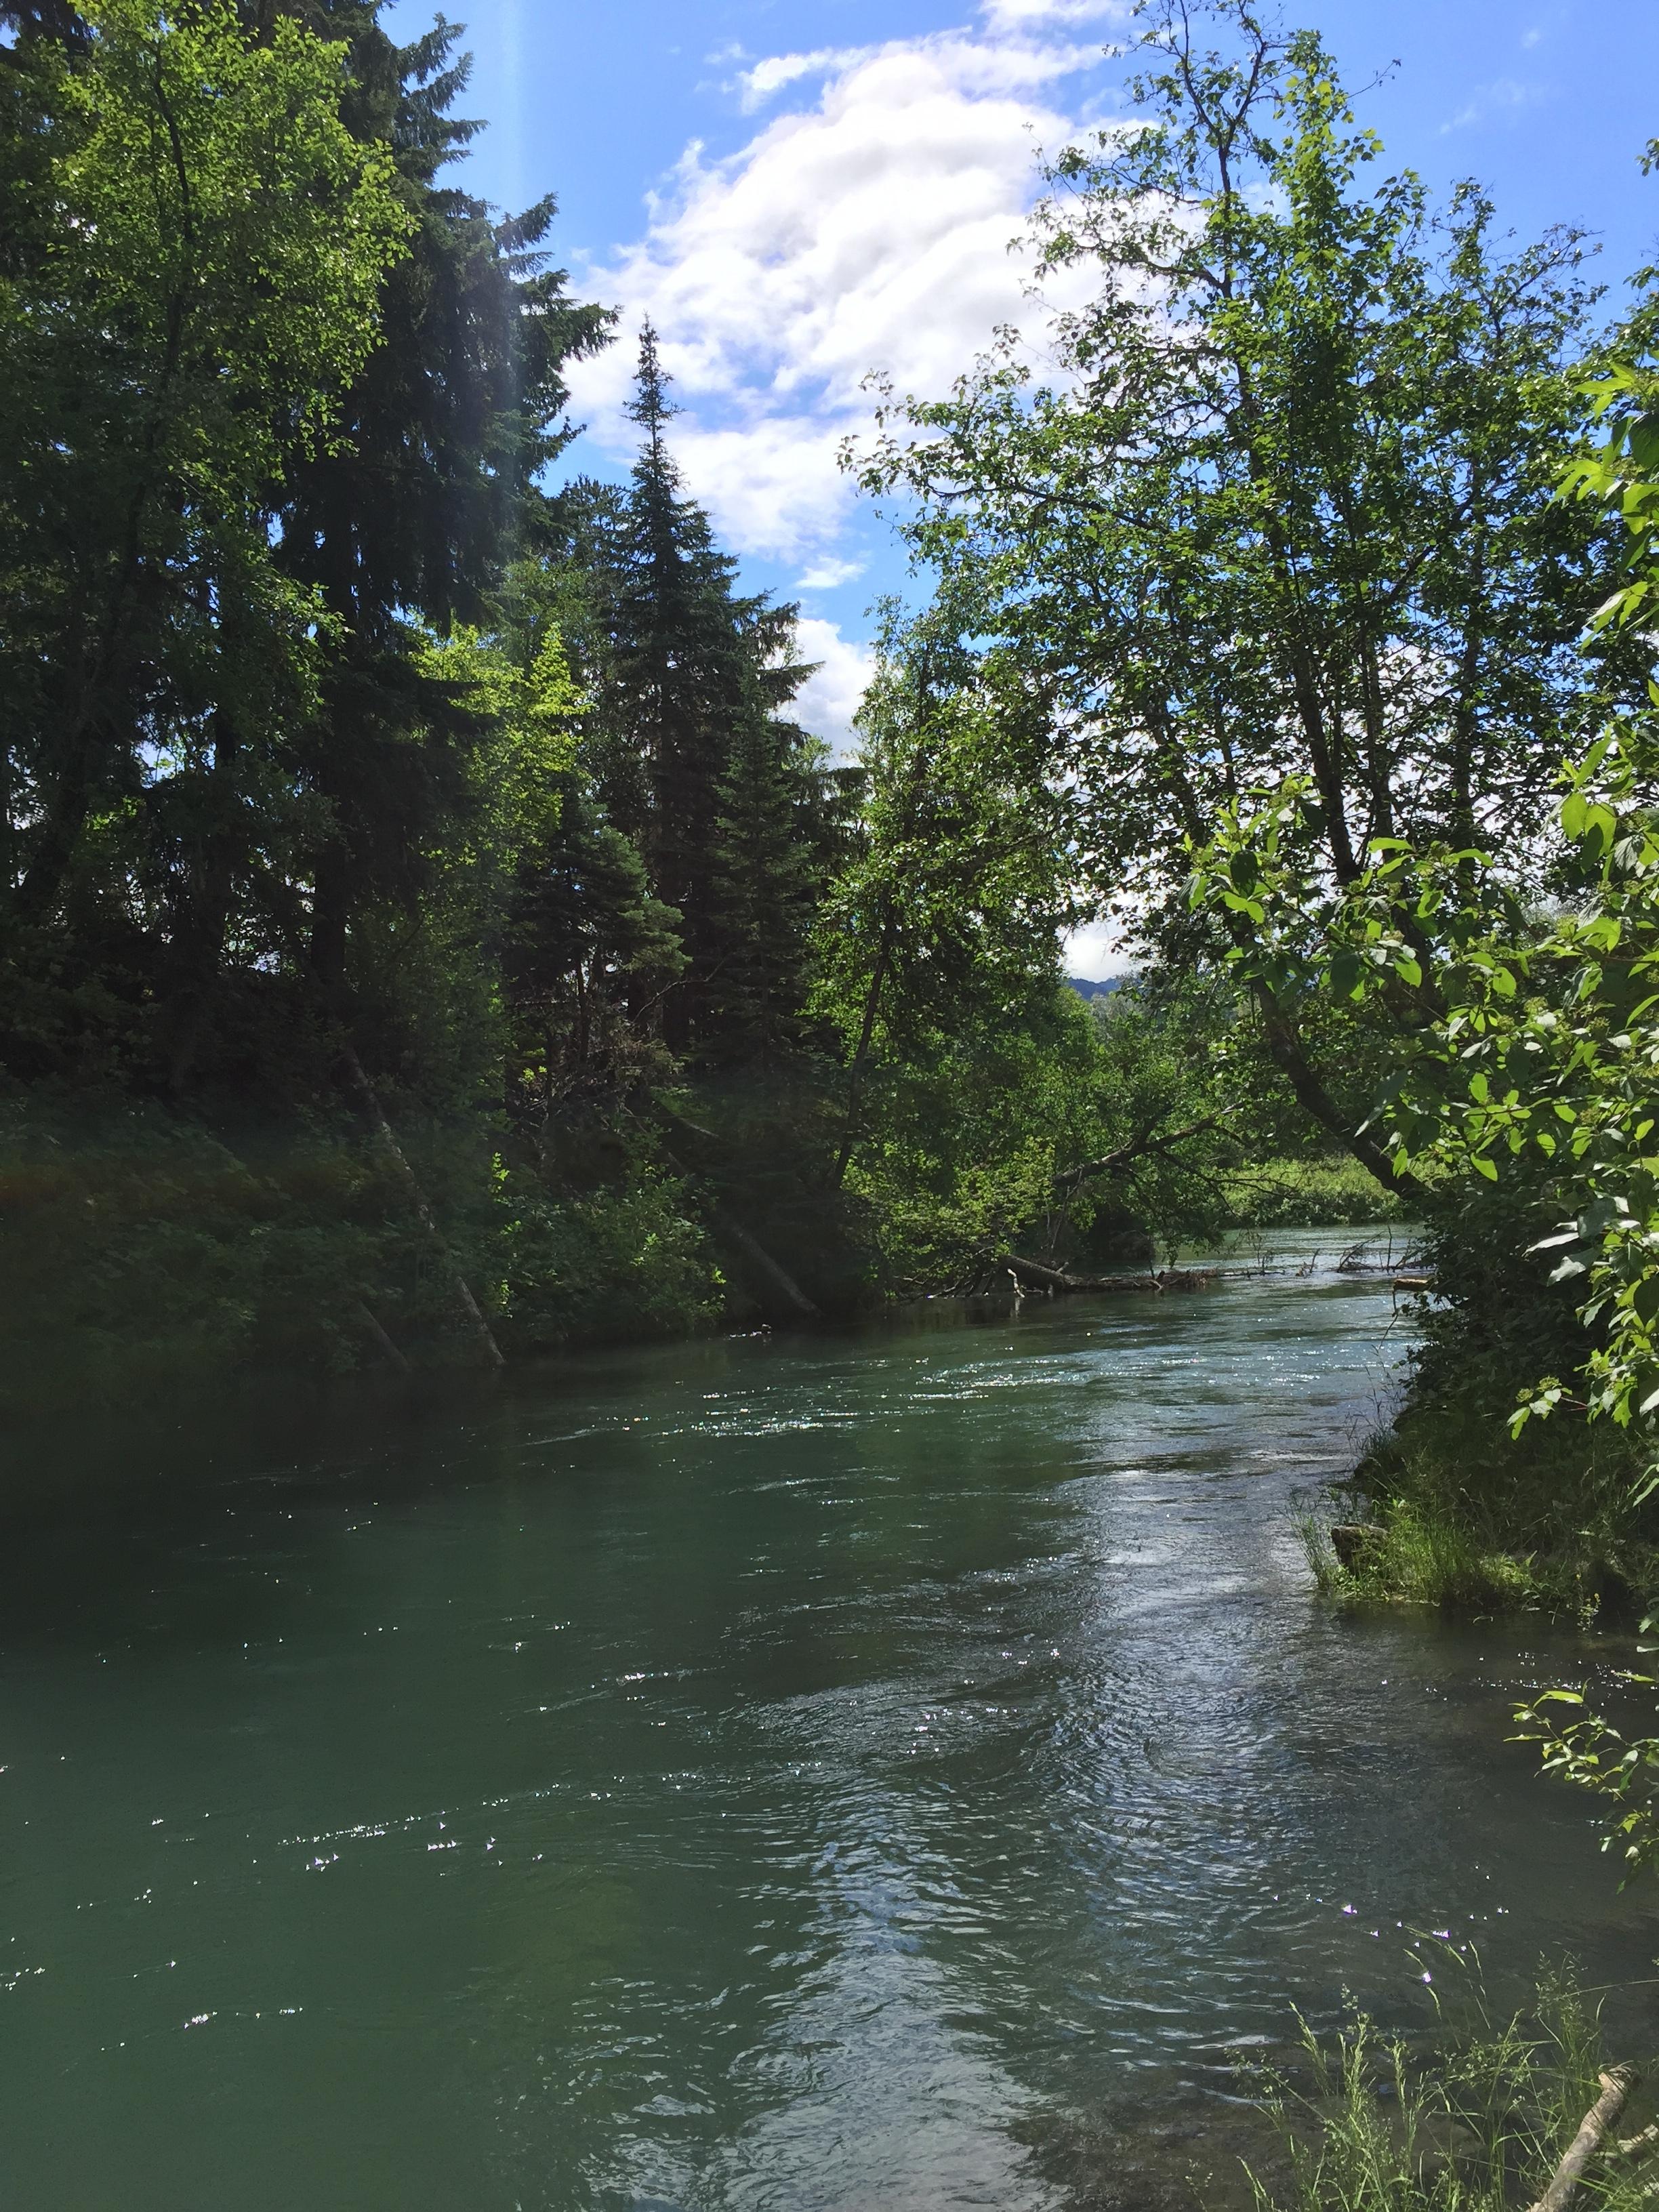 Ksi Sii Aks (Tseax River)